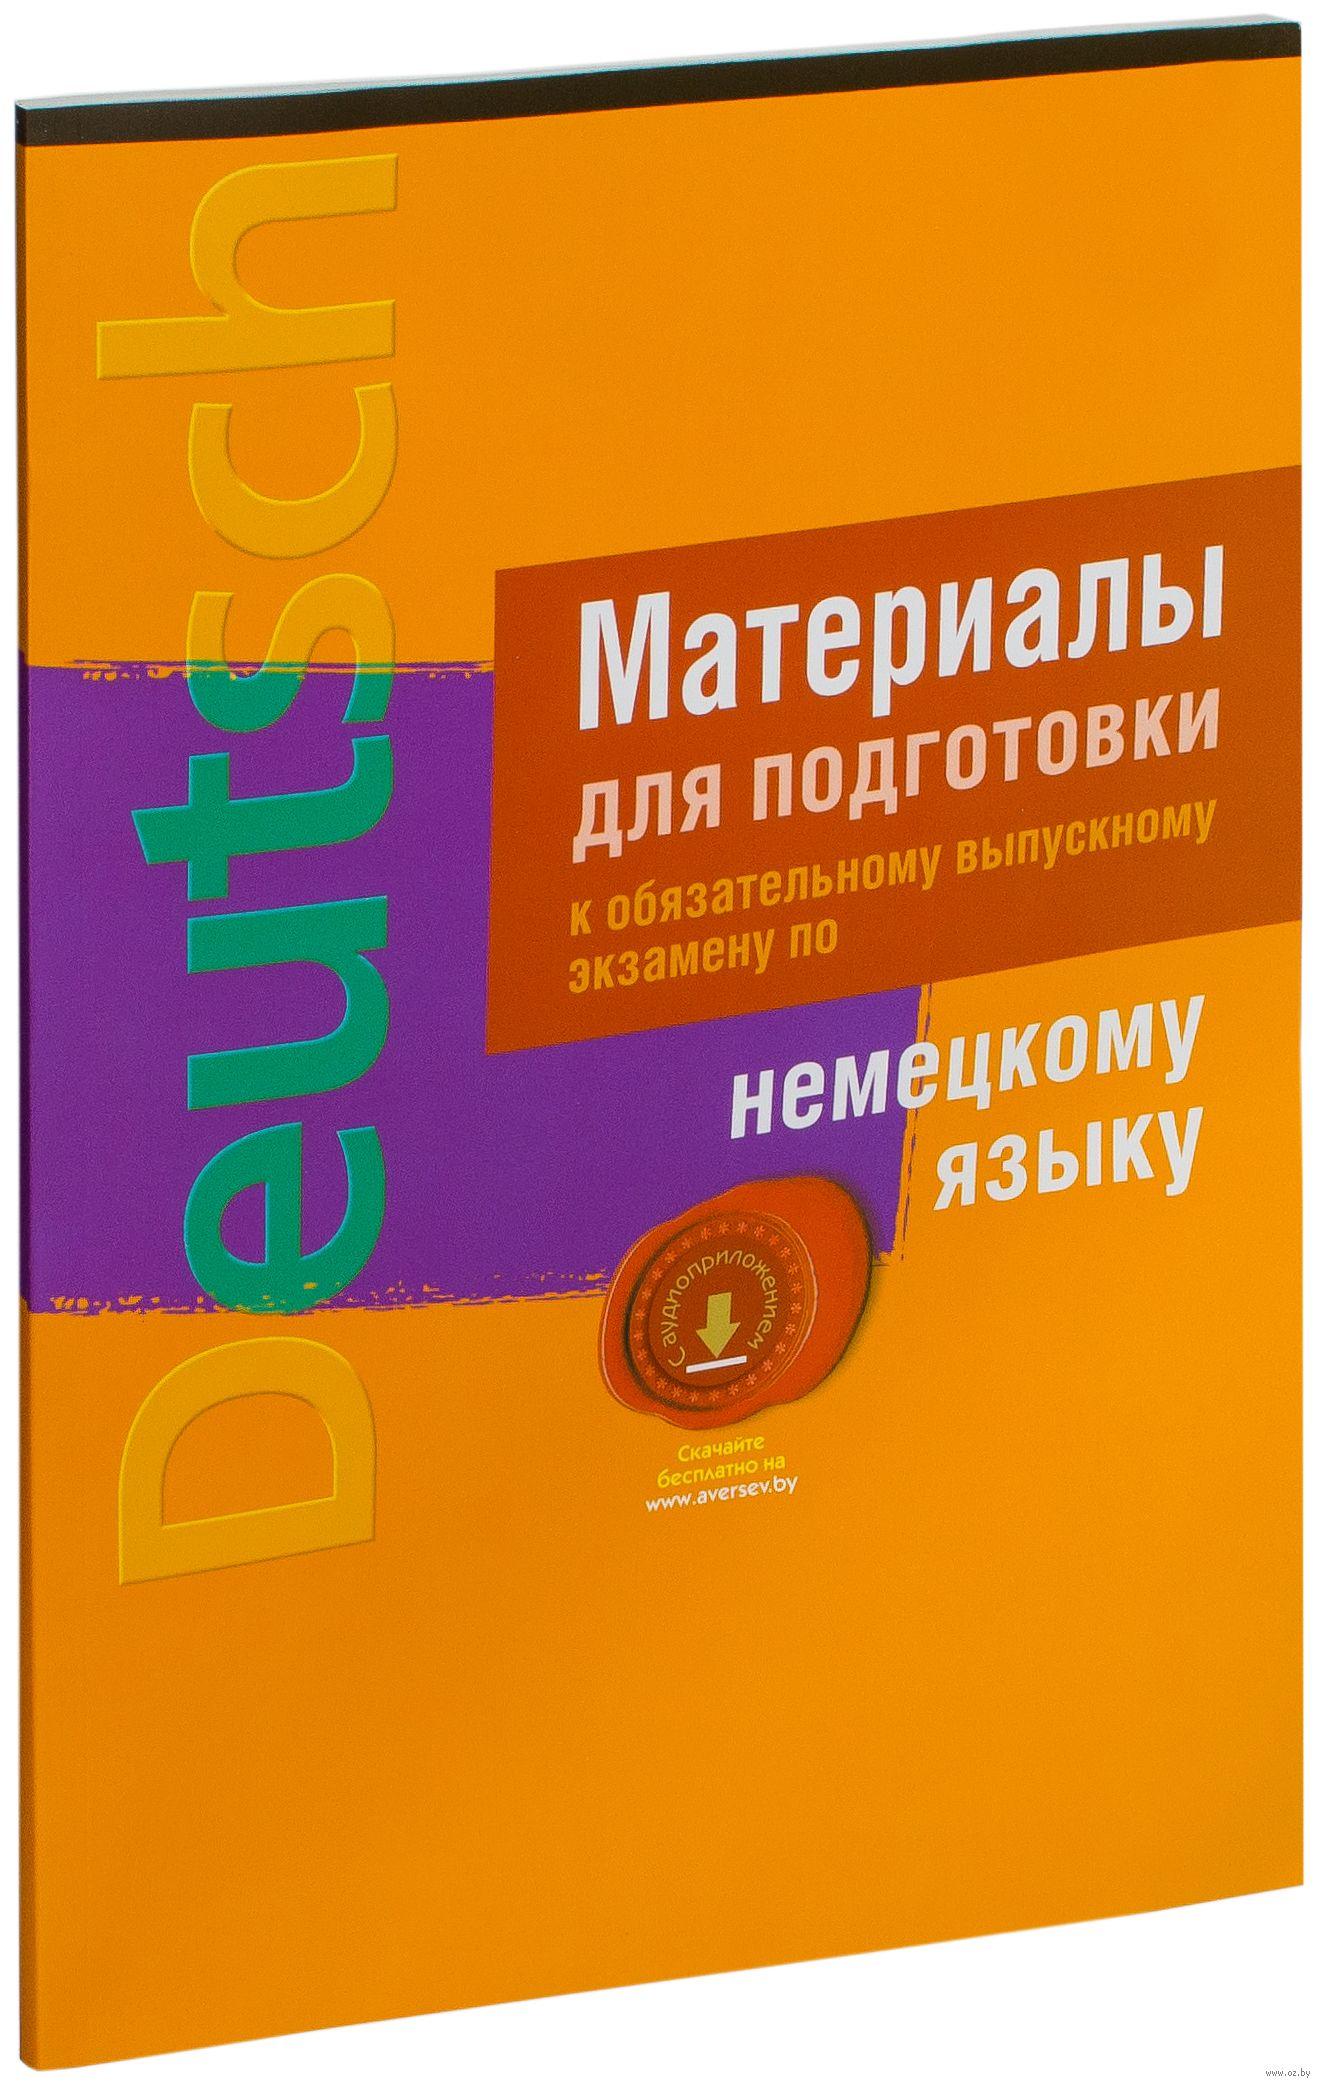 Решебник материалы для подготовки к экзамену по английскому языку 11